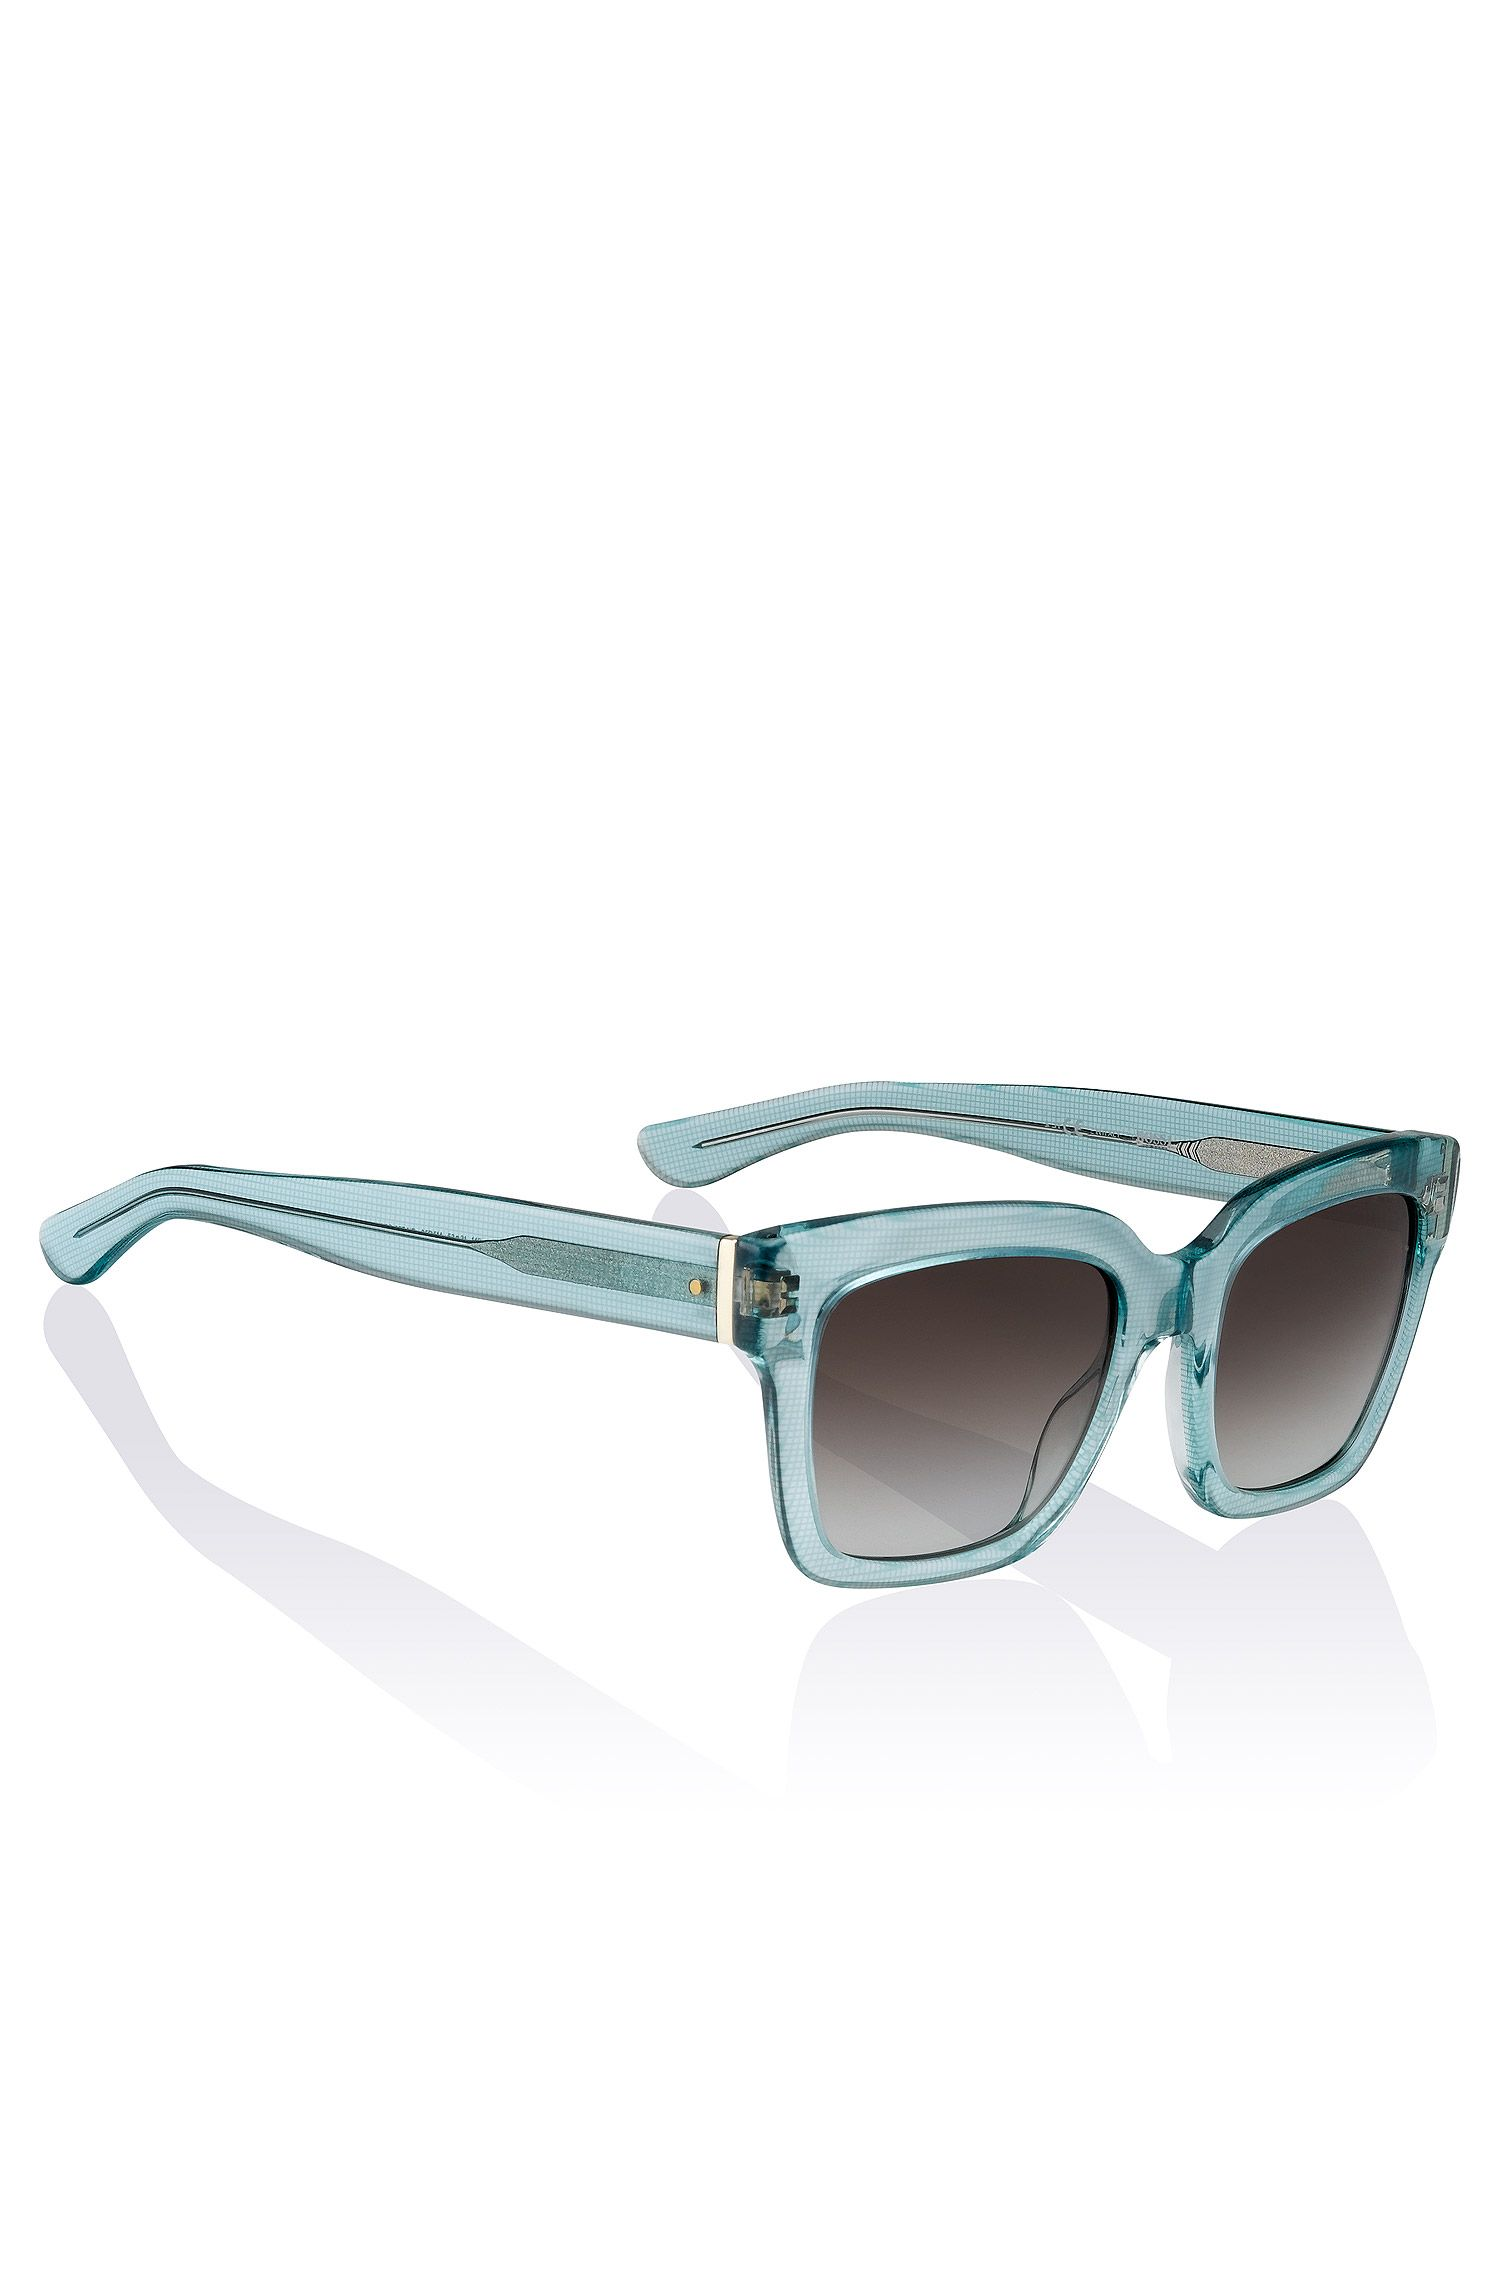 Occhiali da sole stile Wayfarer 'BOSS 0674' in acetato e metallo